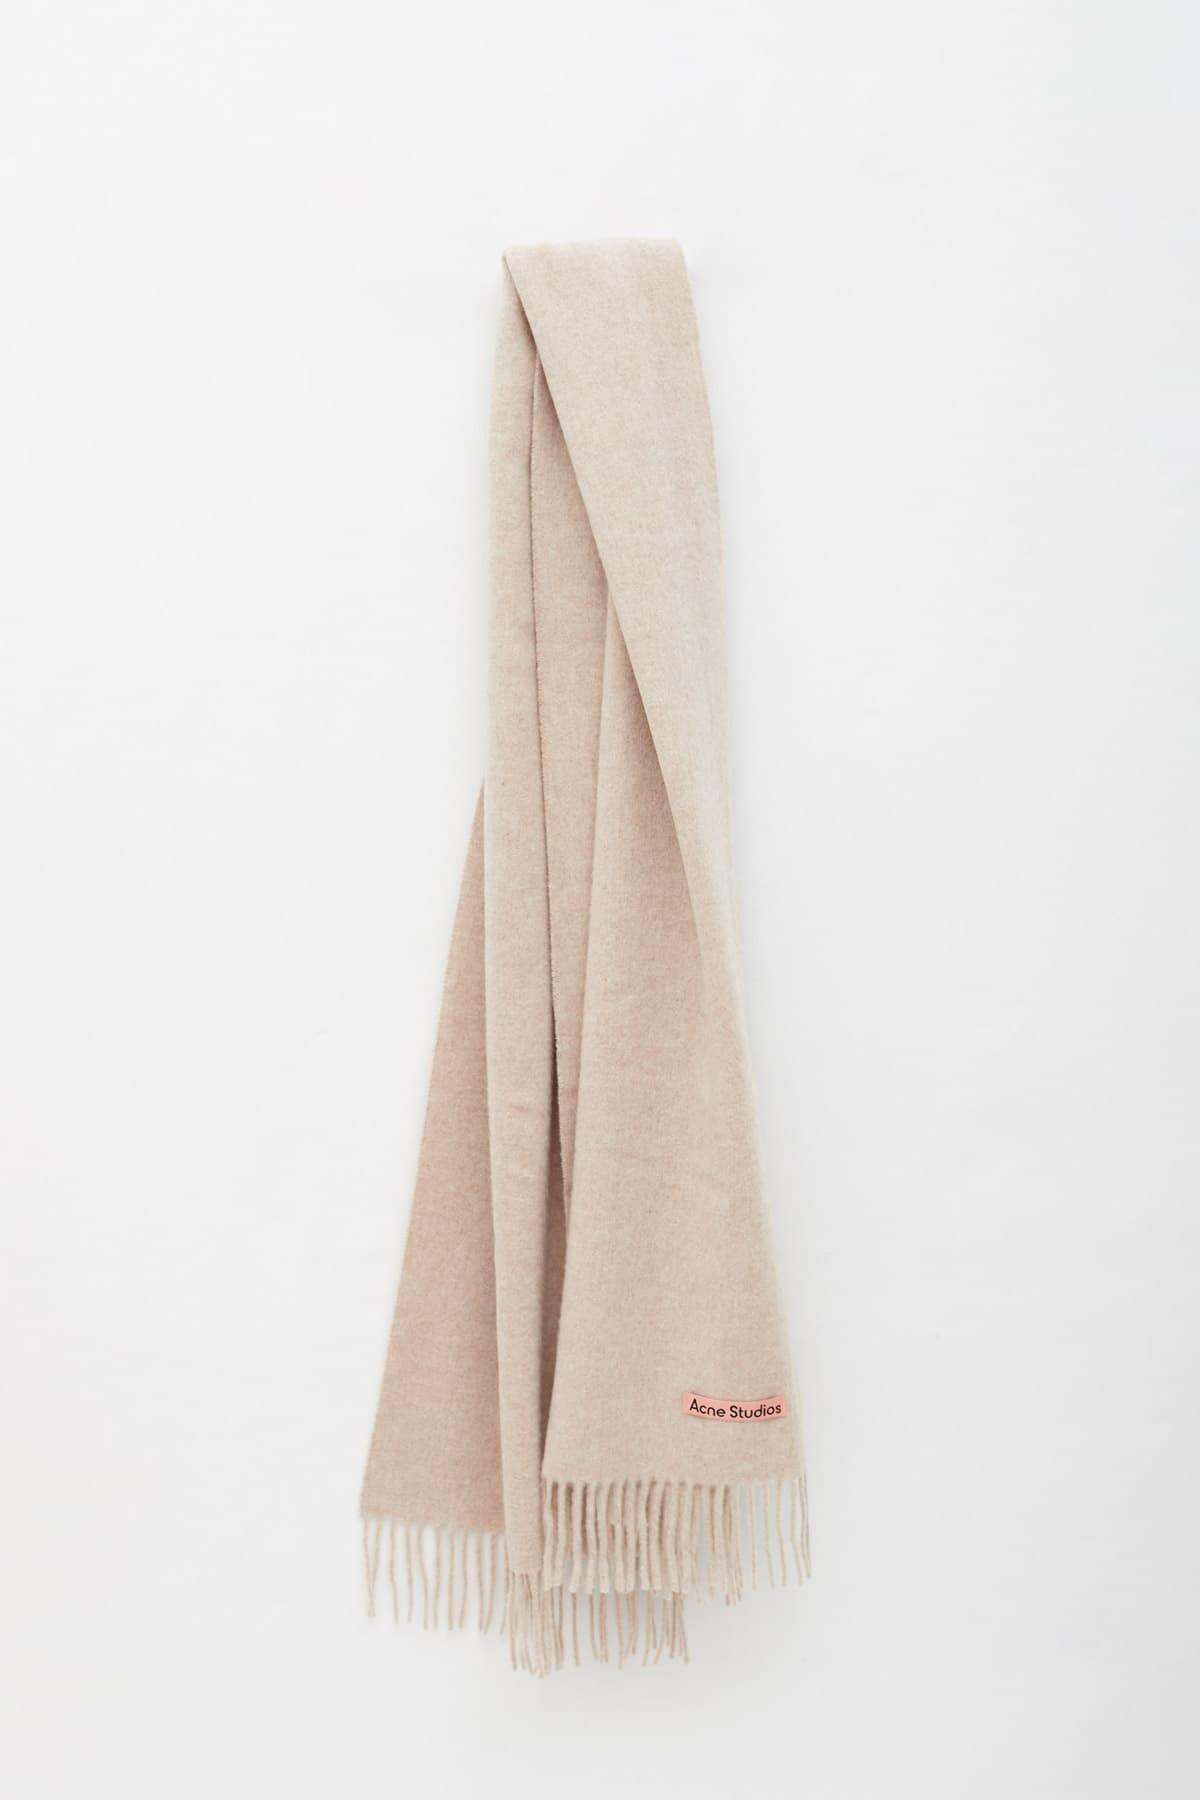 Comprar Comme Des Garcons Play Black T-Shirt P1216